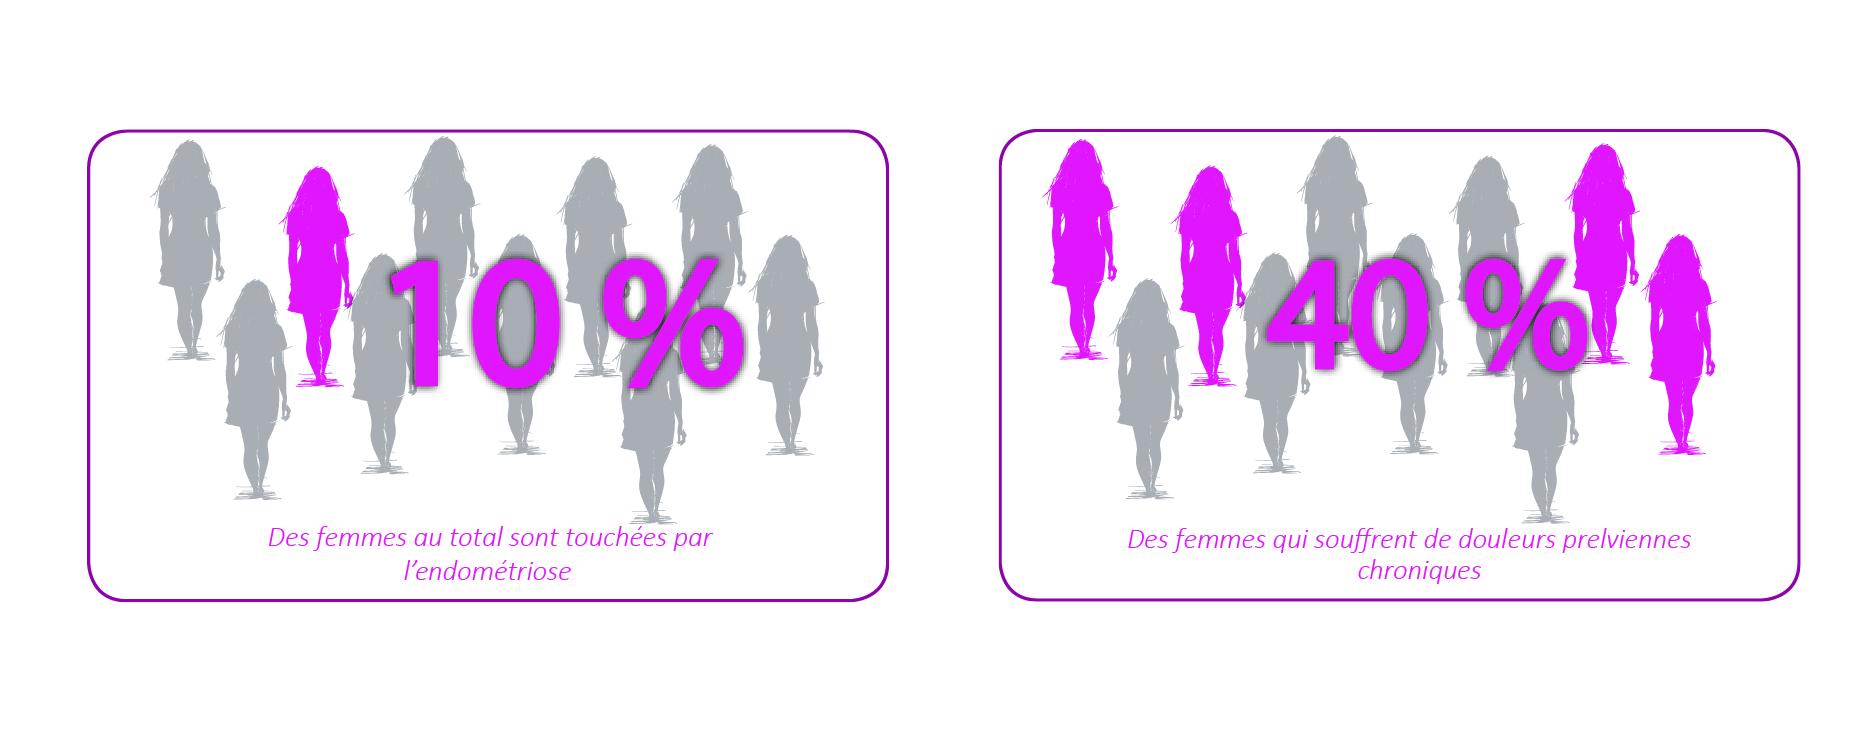 pourcentage de femme atteintes d'andromediose